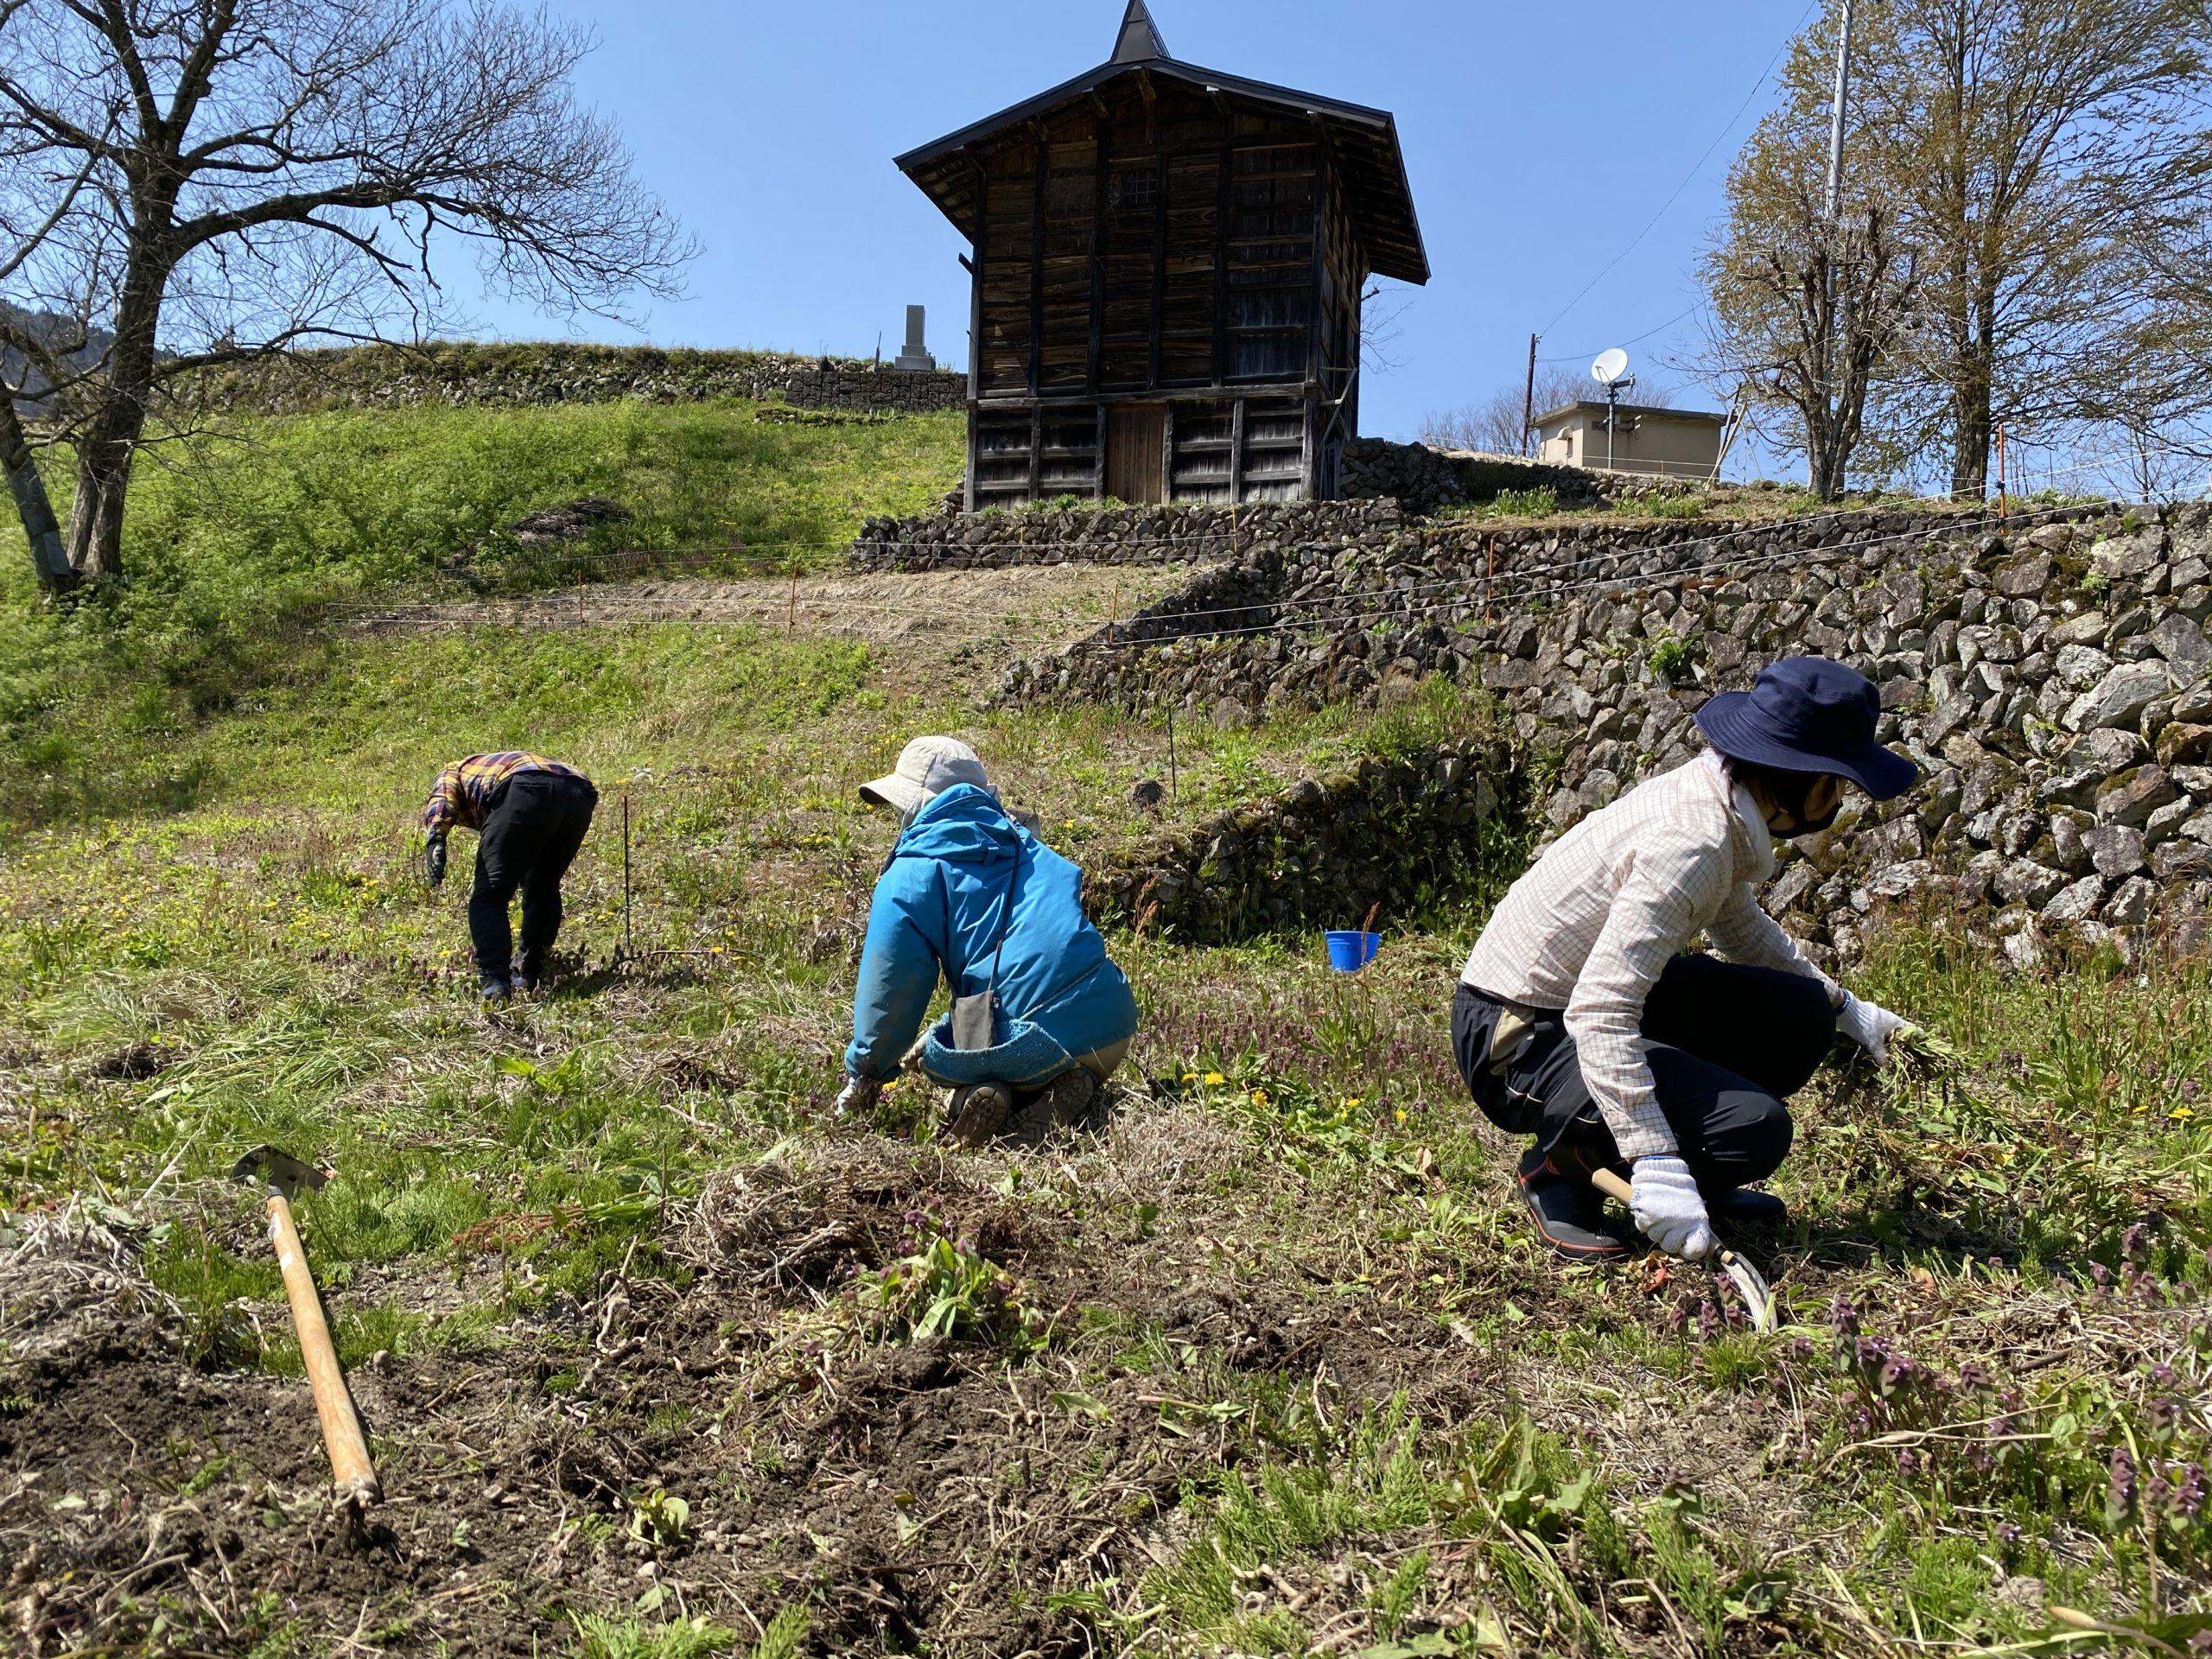 飛騨市種蔵村民と地元有志にてmyみょうが畑のエリアの草刈りが行われました